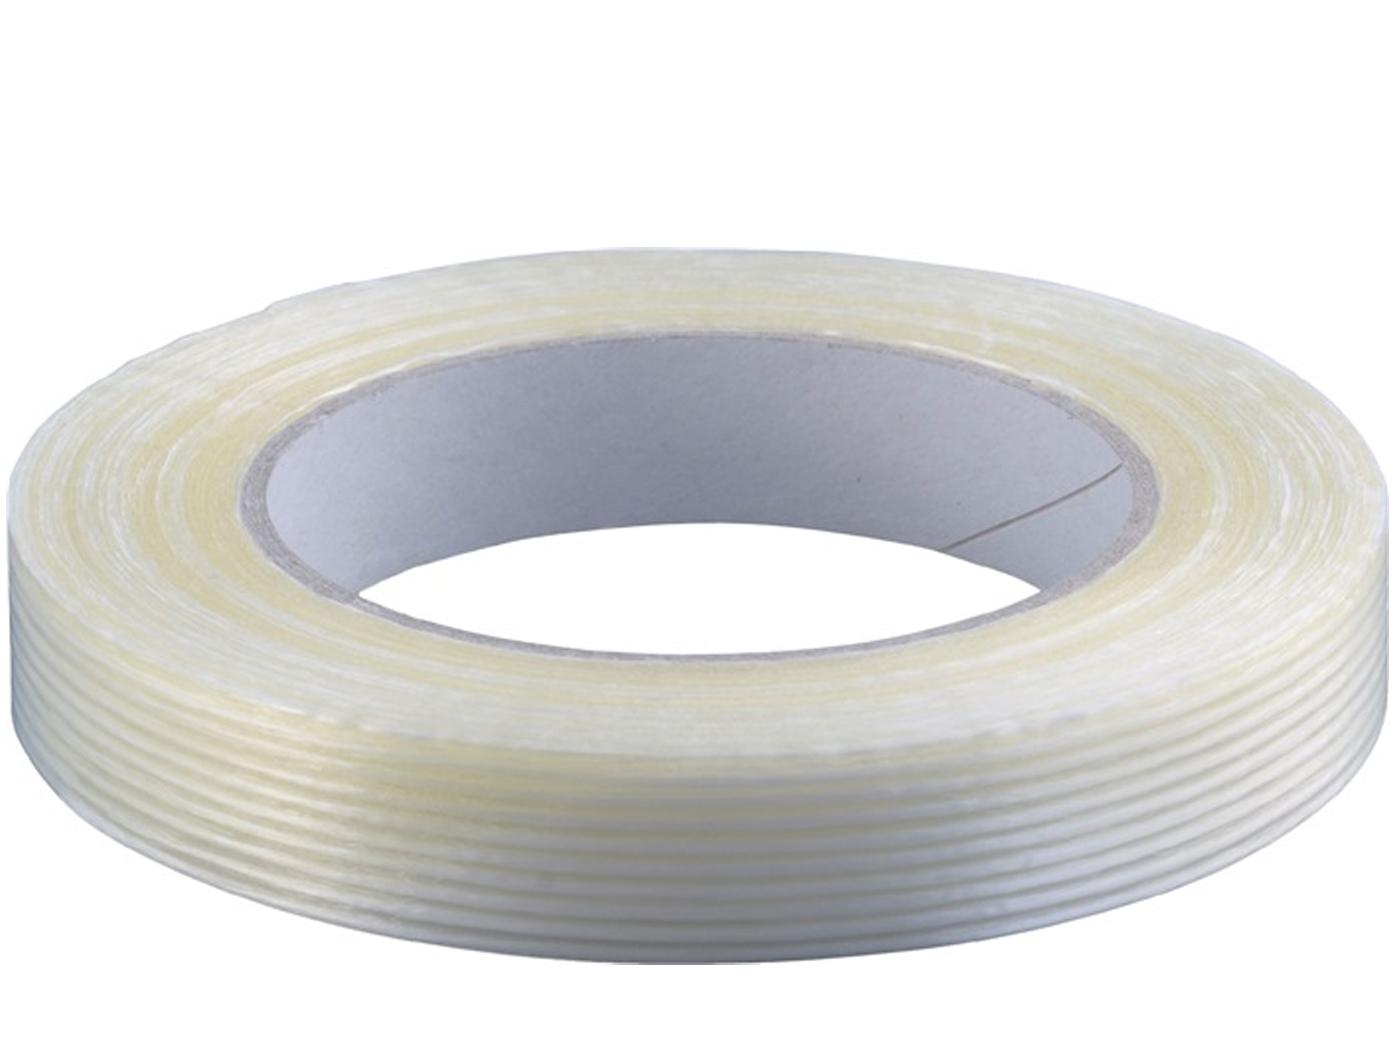 Filamentband transparant PP folie   DKMTools - DKM Tools